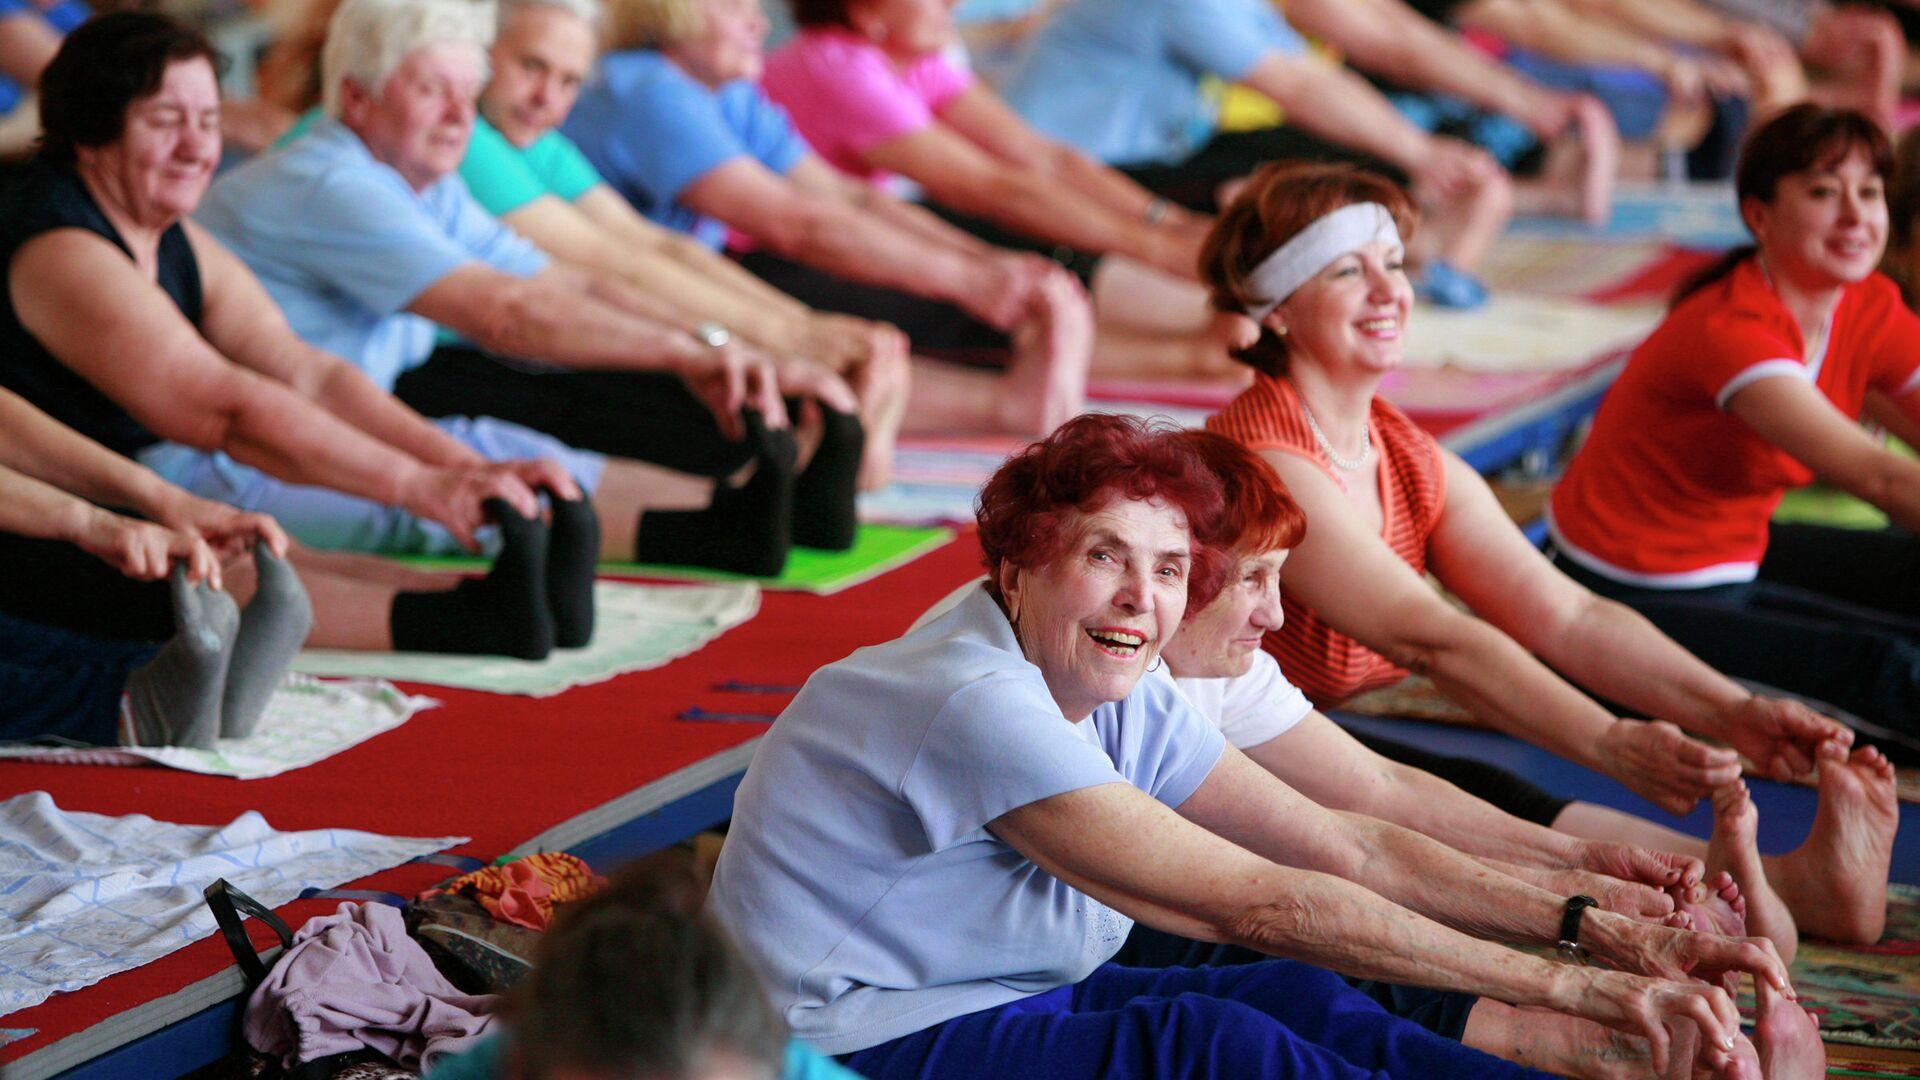 Люди пожилого возраста занимаются хатха-йогой в академии здорового образа жизни в Ставрополе - РИА Новости, 1920, 09.10.2020